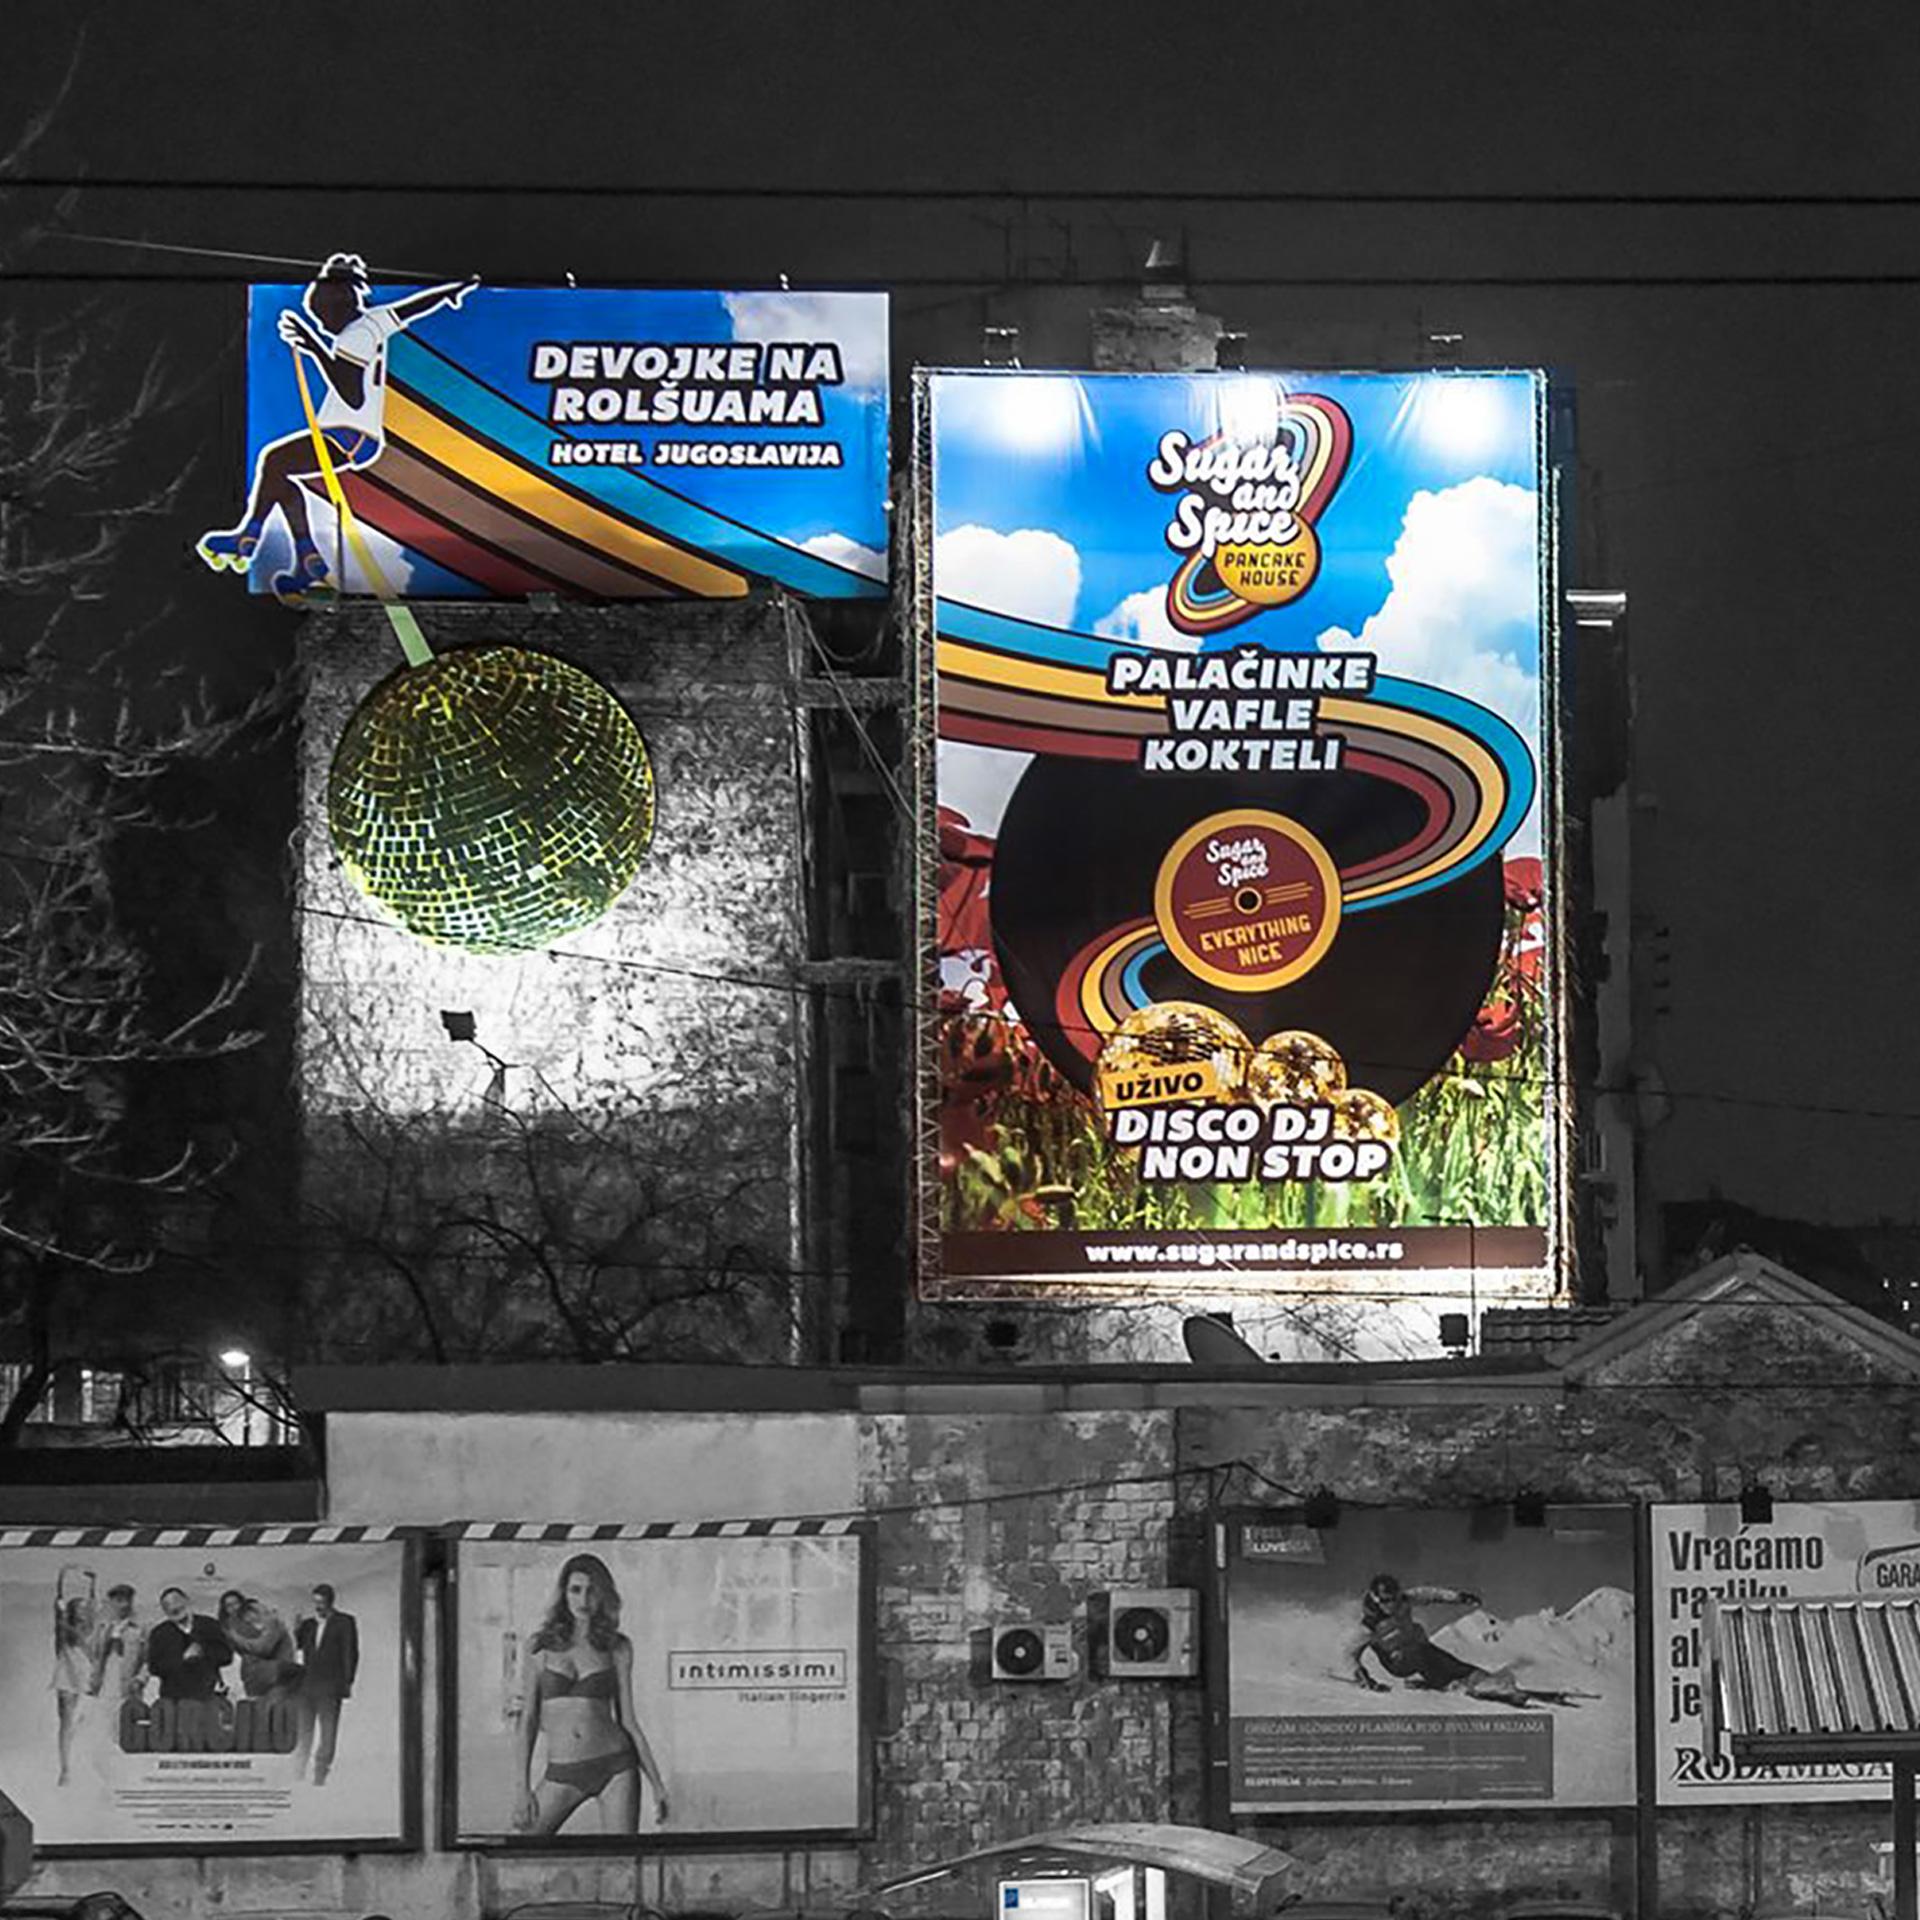 Dizajn bilborda za restoran Sugar and Spice - Slavija, Mekenzijeva ulica